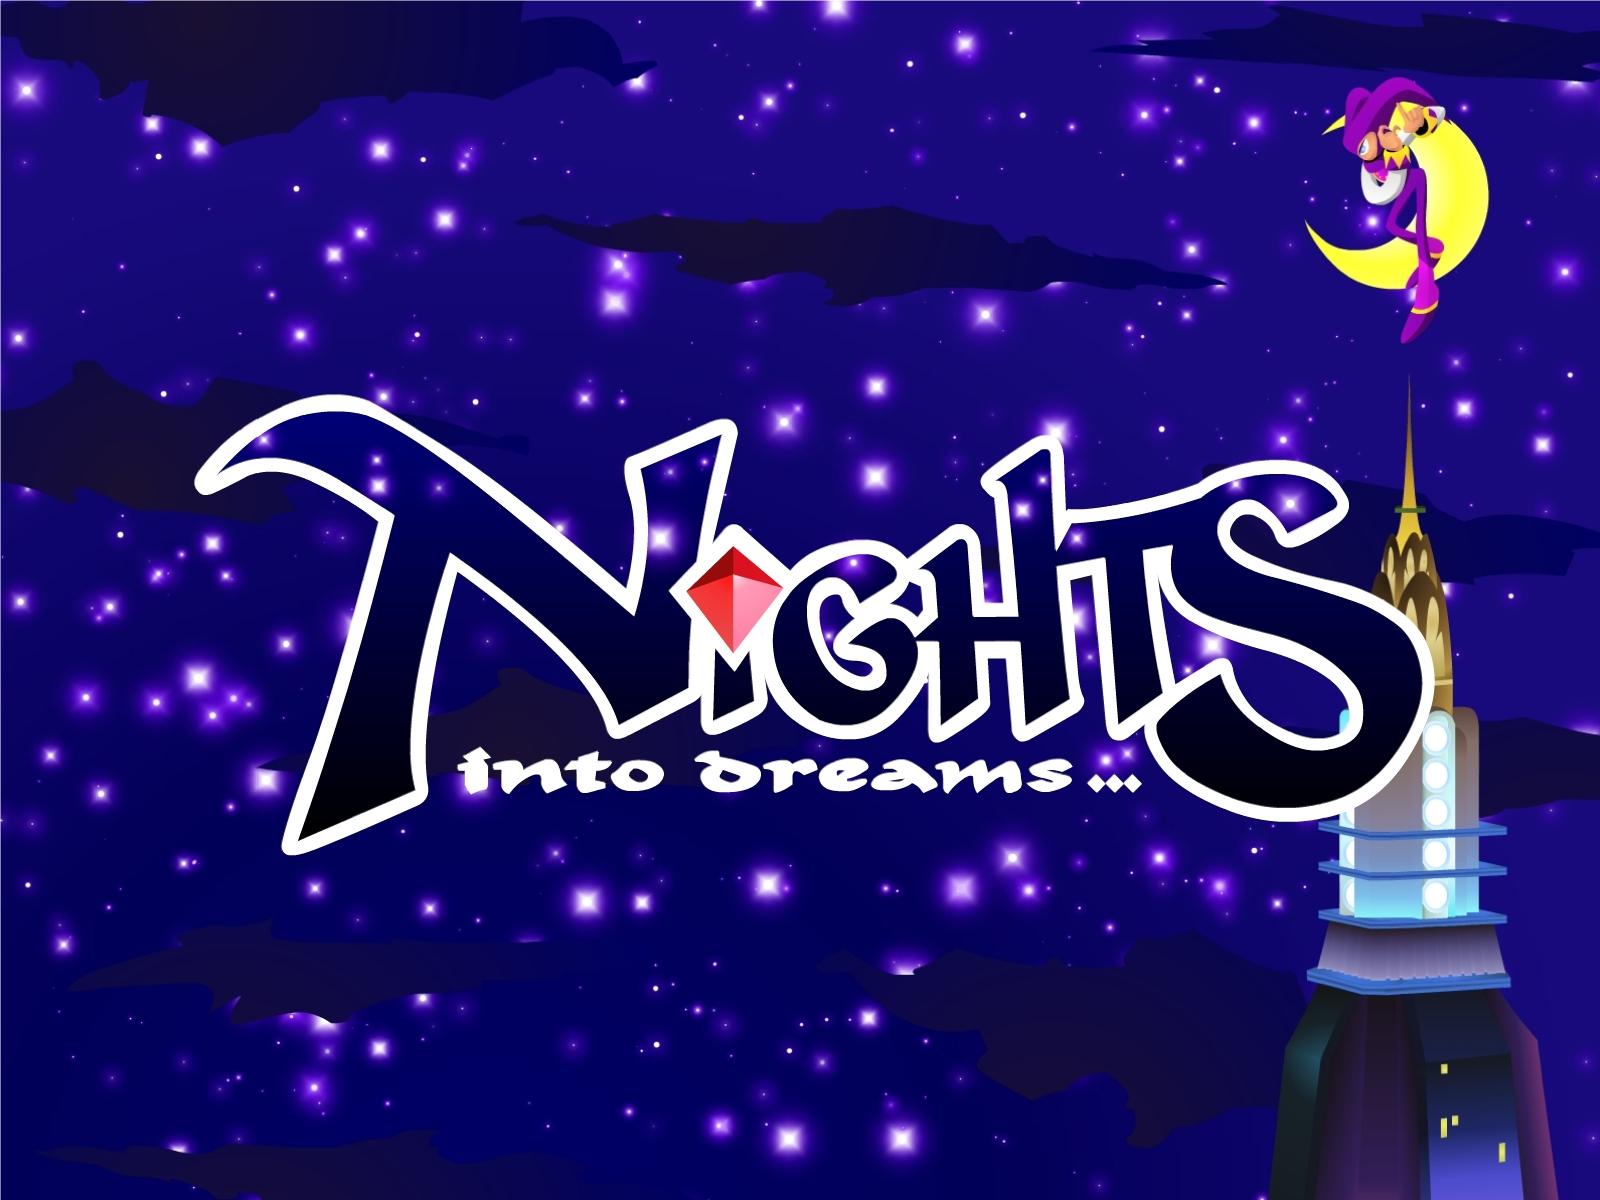 Nights Into Dreams Fanart - WP